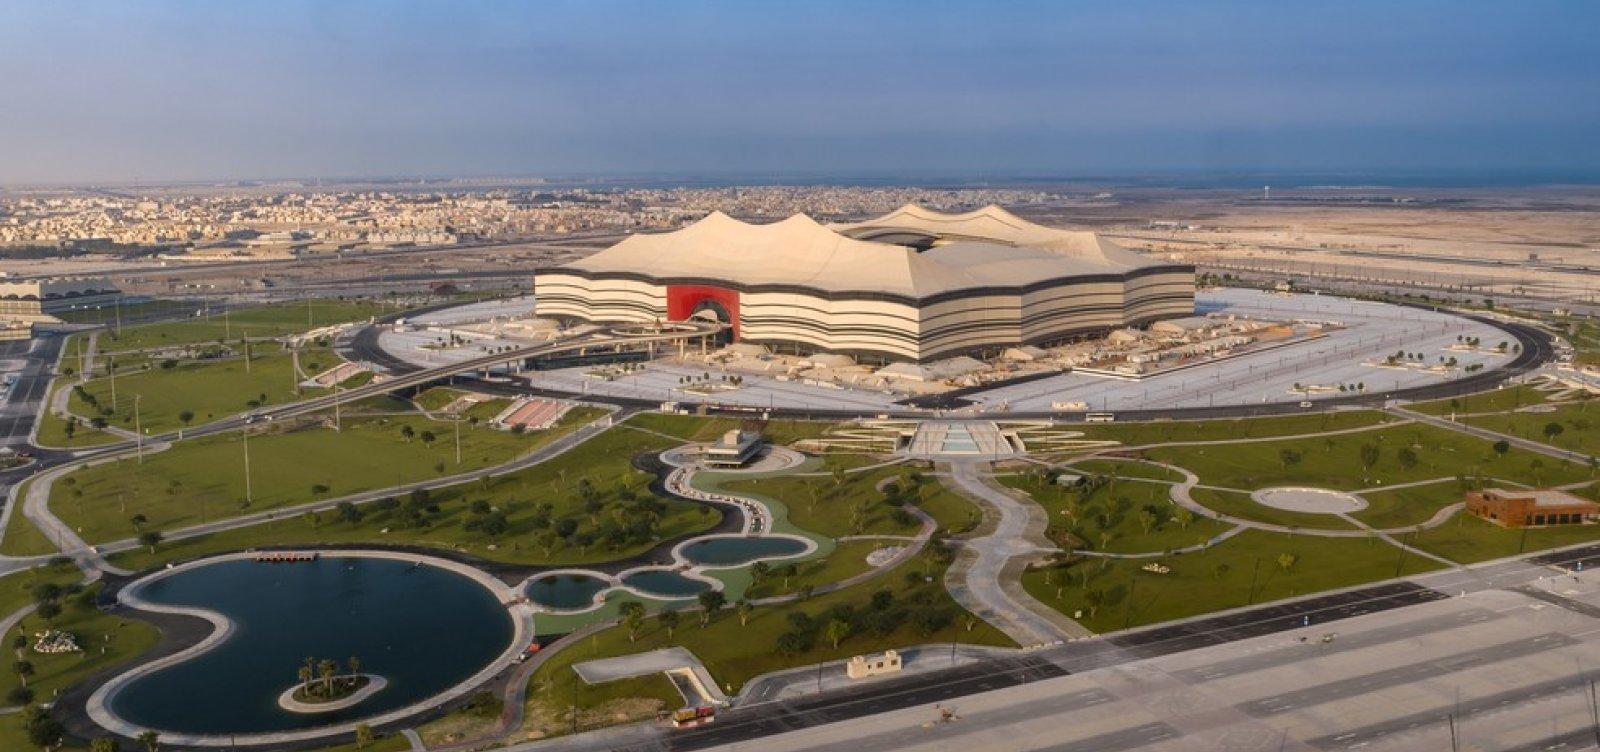 [Fifa divulga tabela dos jogos da Copa do Mundo de 2022 no Qatar ]